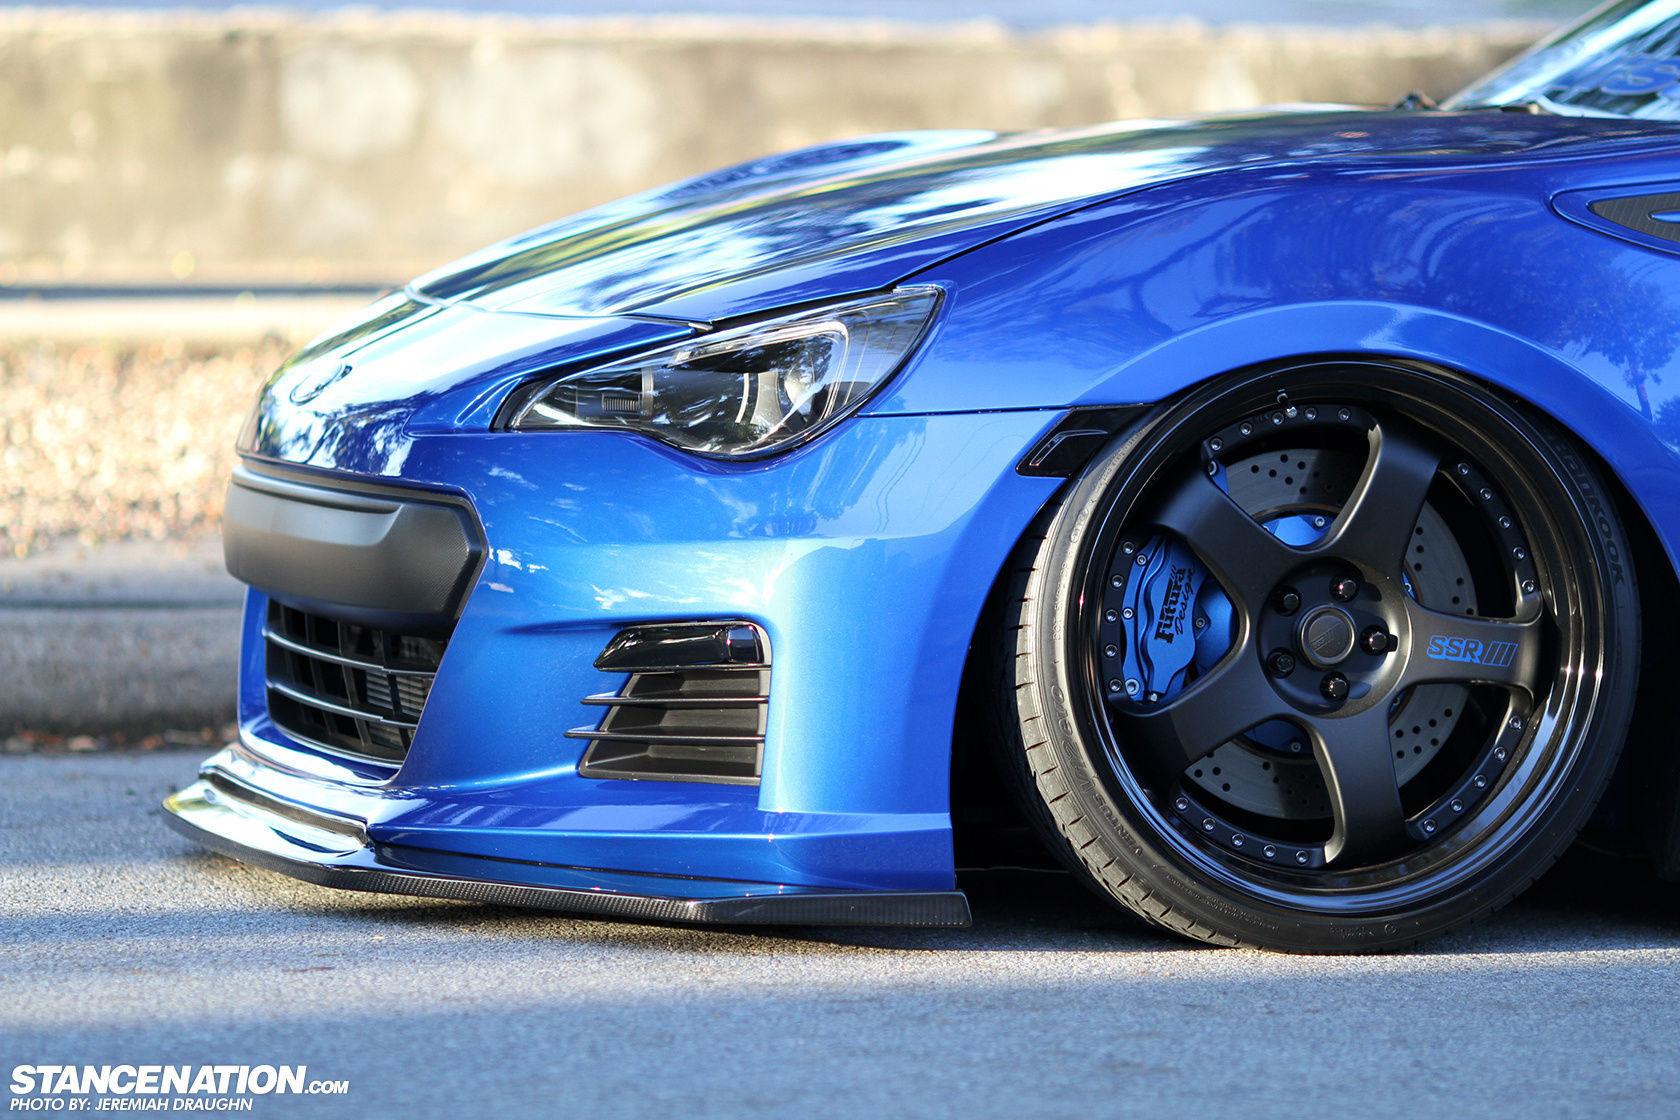 2012 Subaru BRZ | '12 Subaru BRZ